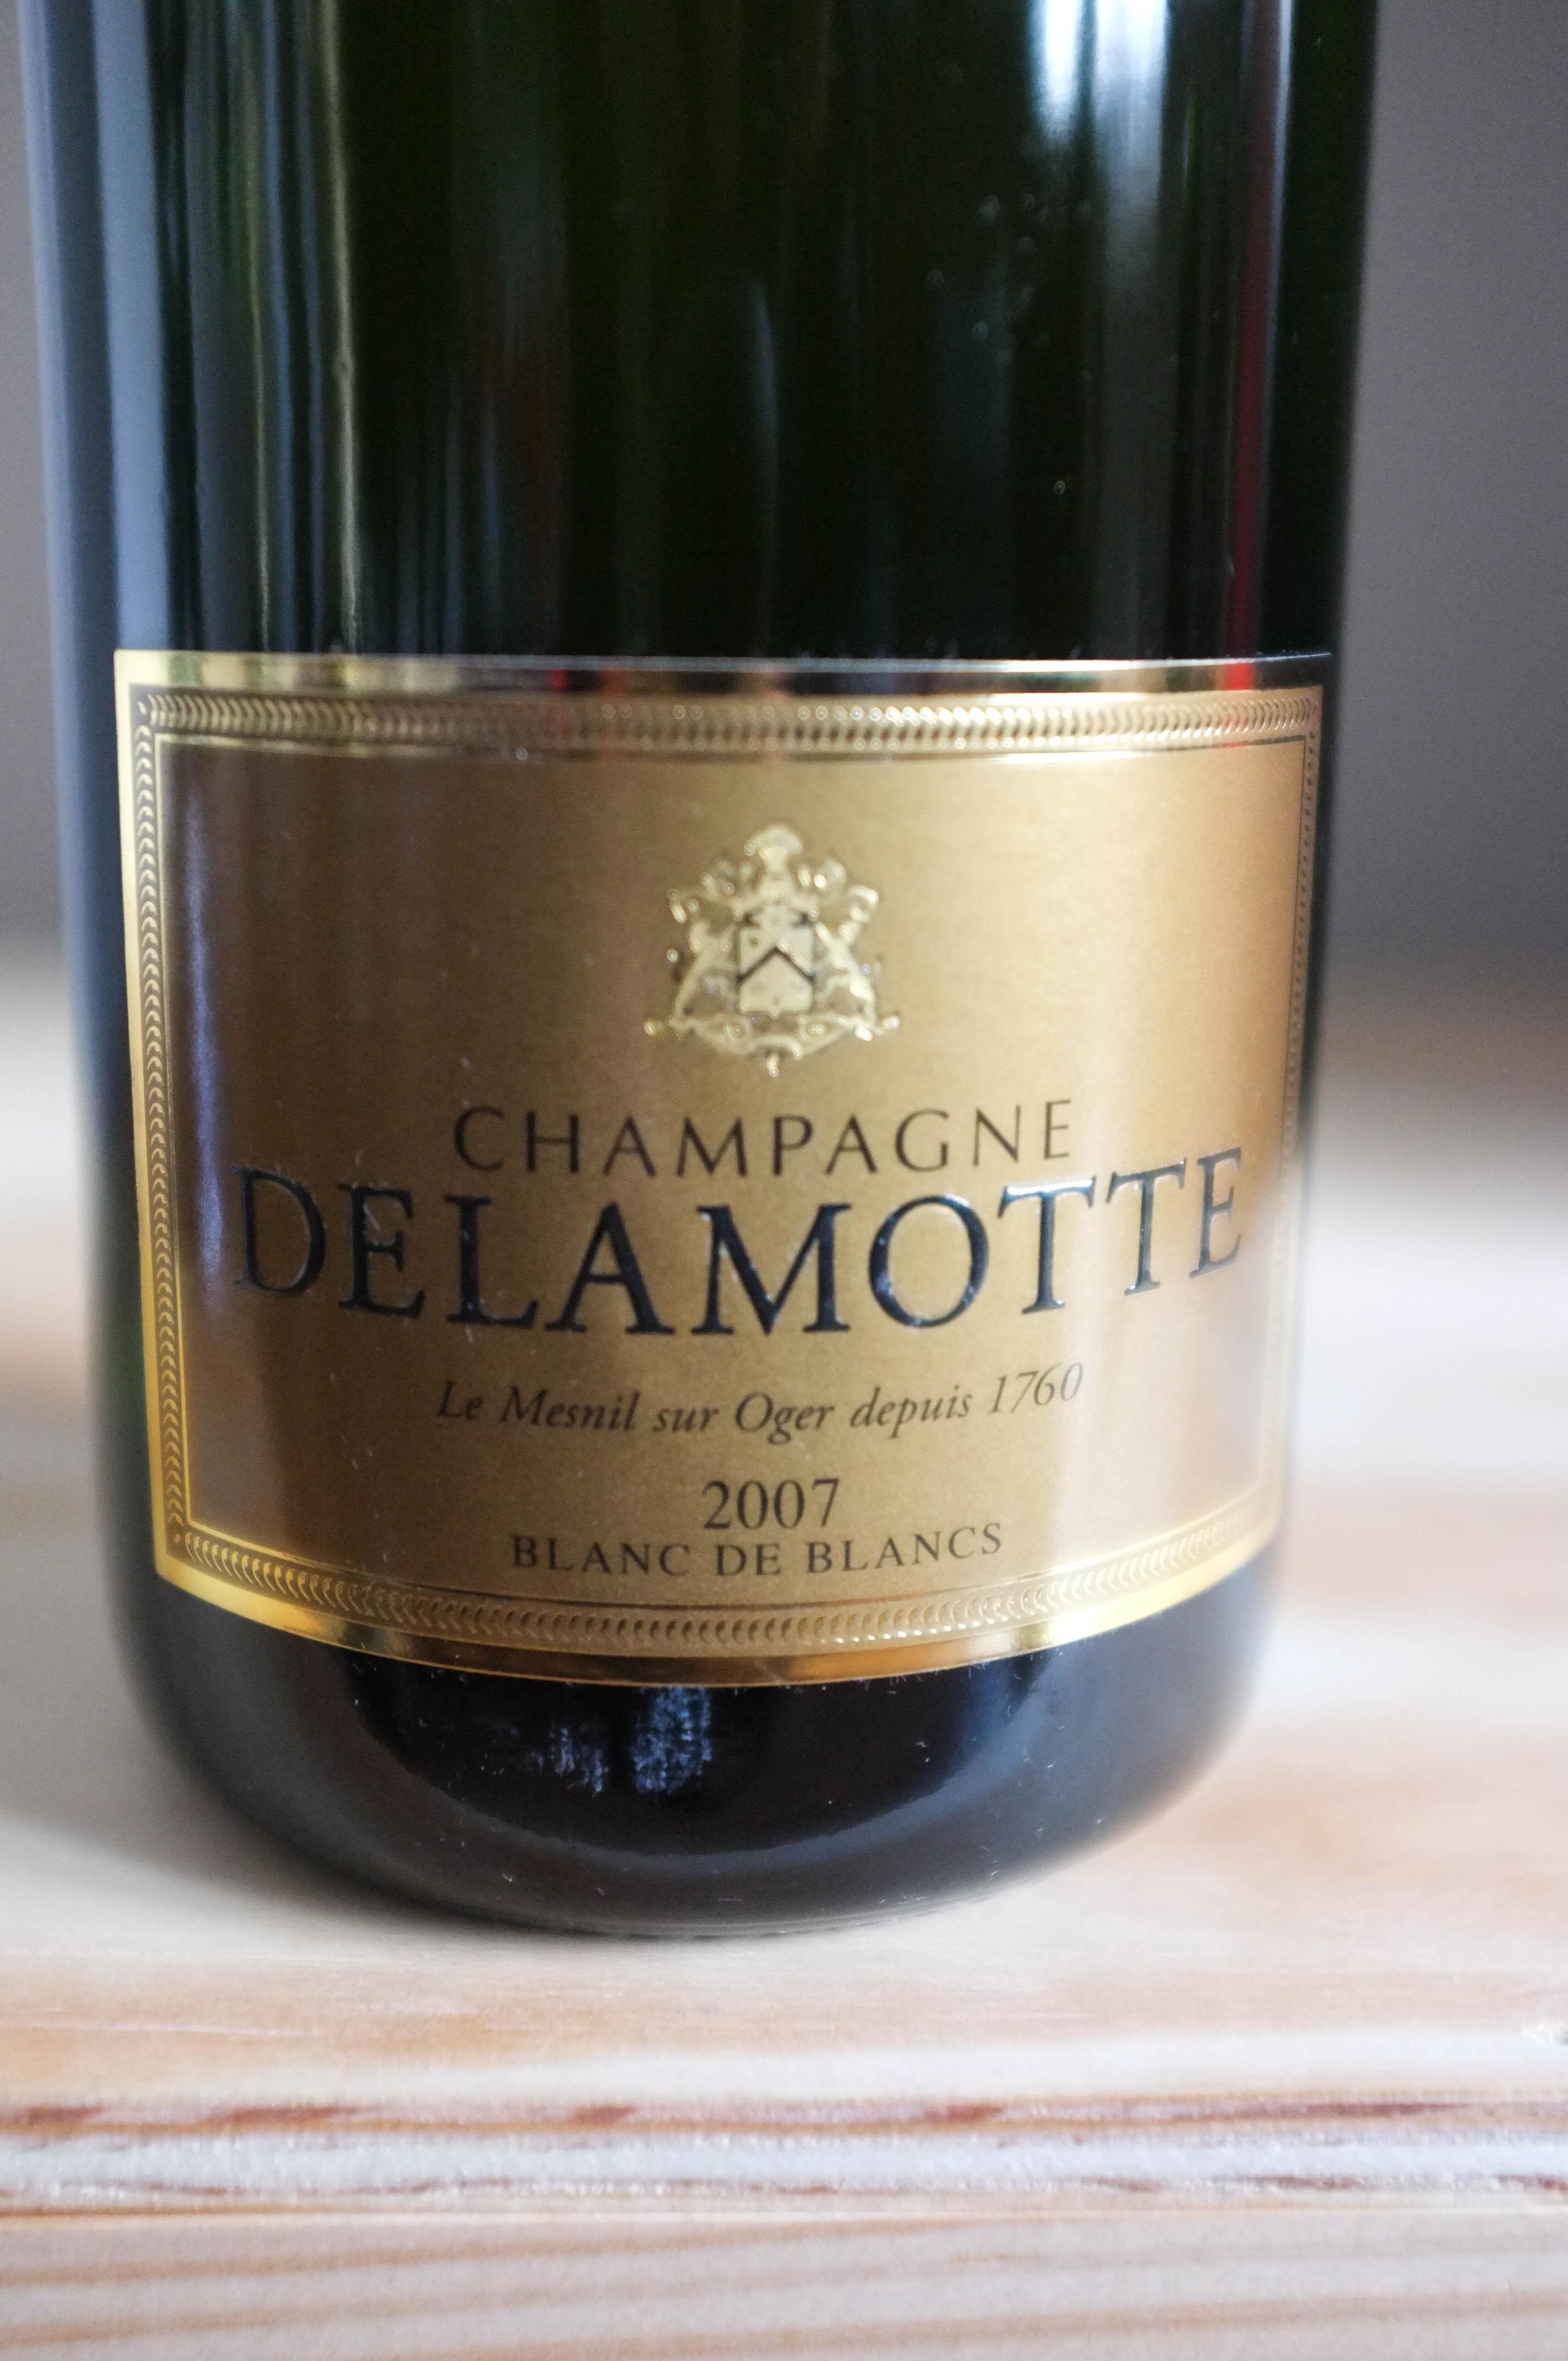 D gustation champagnes salon delamotte l 39 astringent for Champagne delamotte brut prix